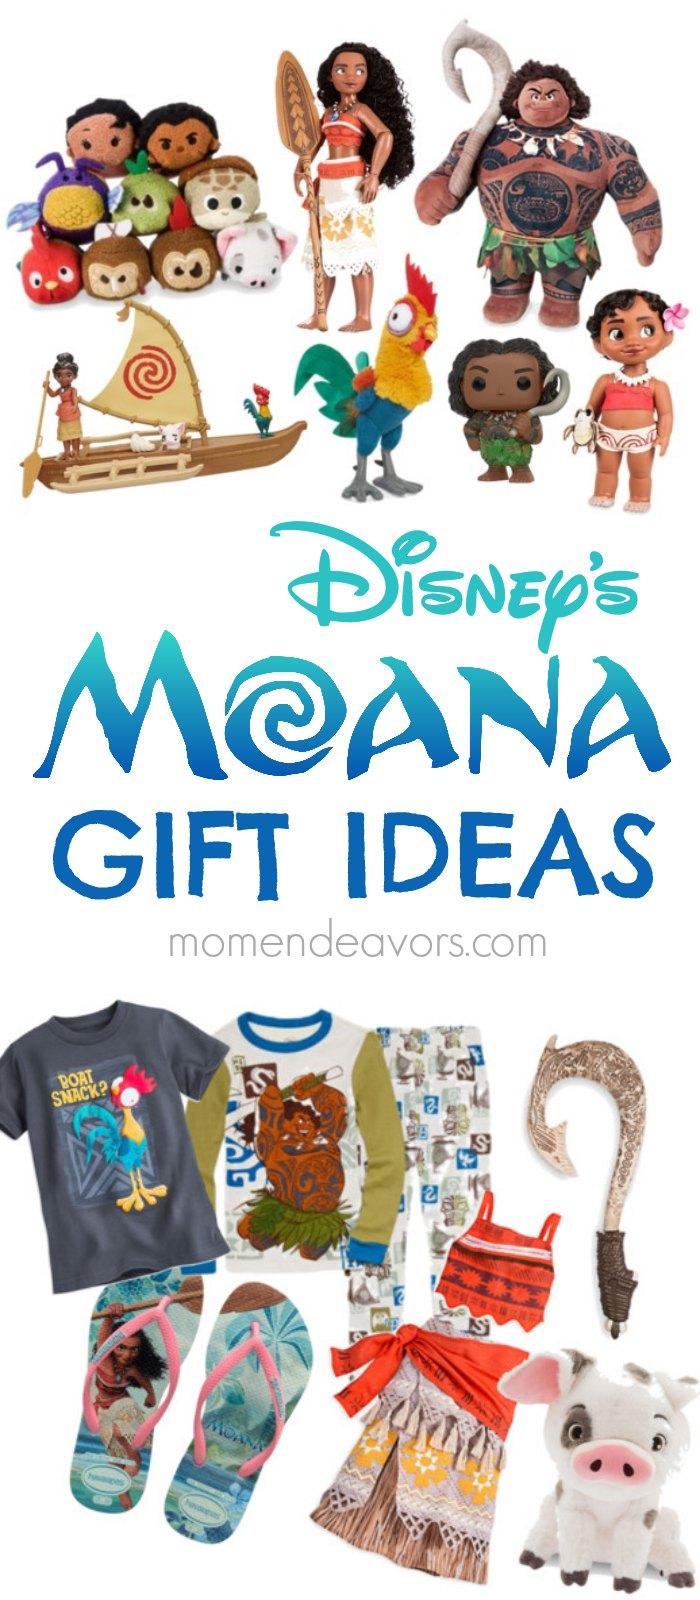 Disney's MOANA Gift Ideas